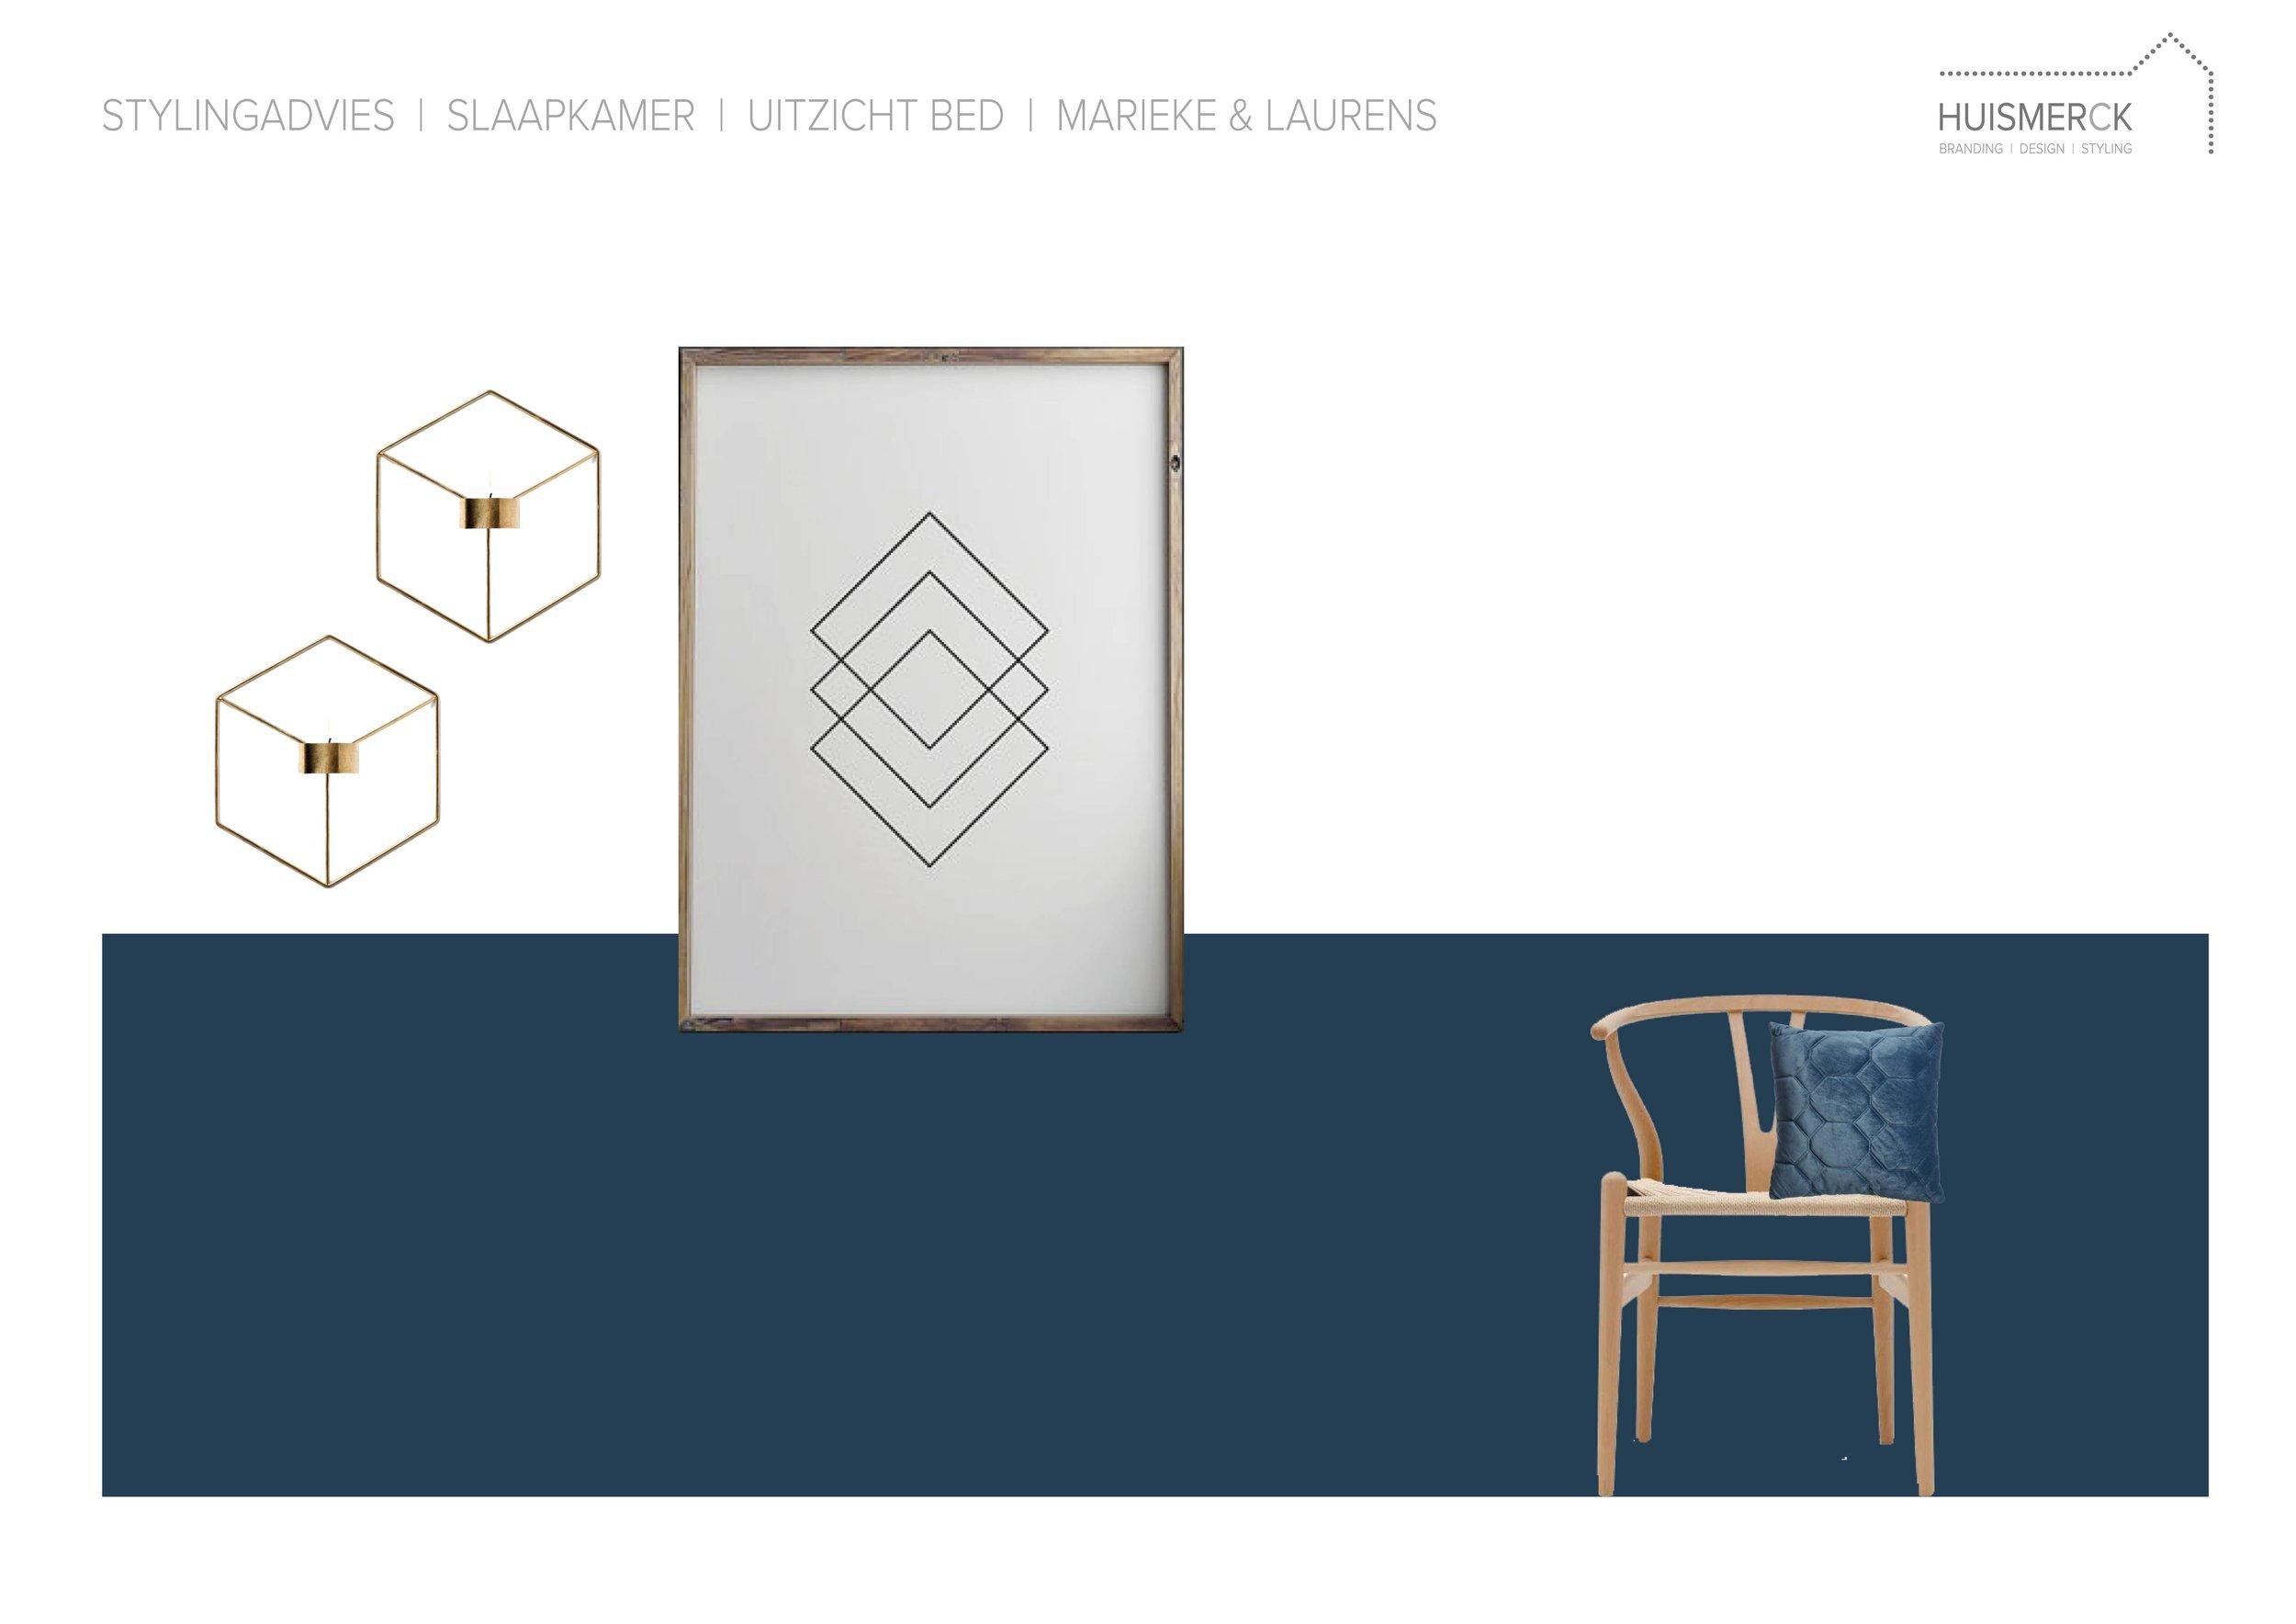 HUISMERCK®_Stylingadvies_Slaapkamer_master_bedroom_uitzicht_bed_M&L_Enschede_blauw_messing.jpg